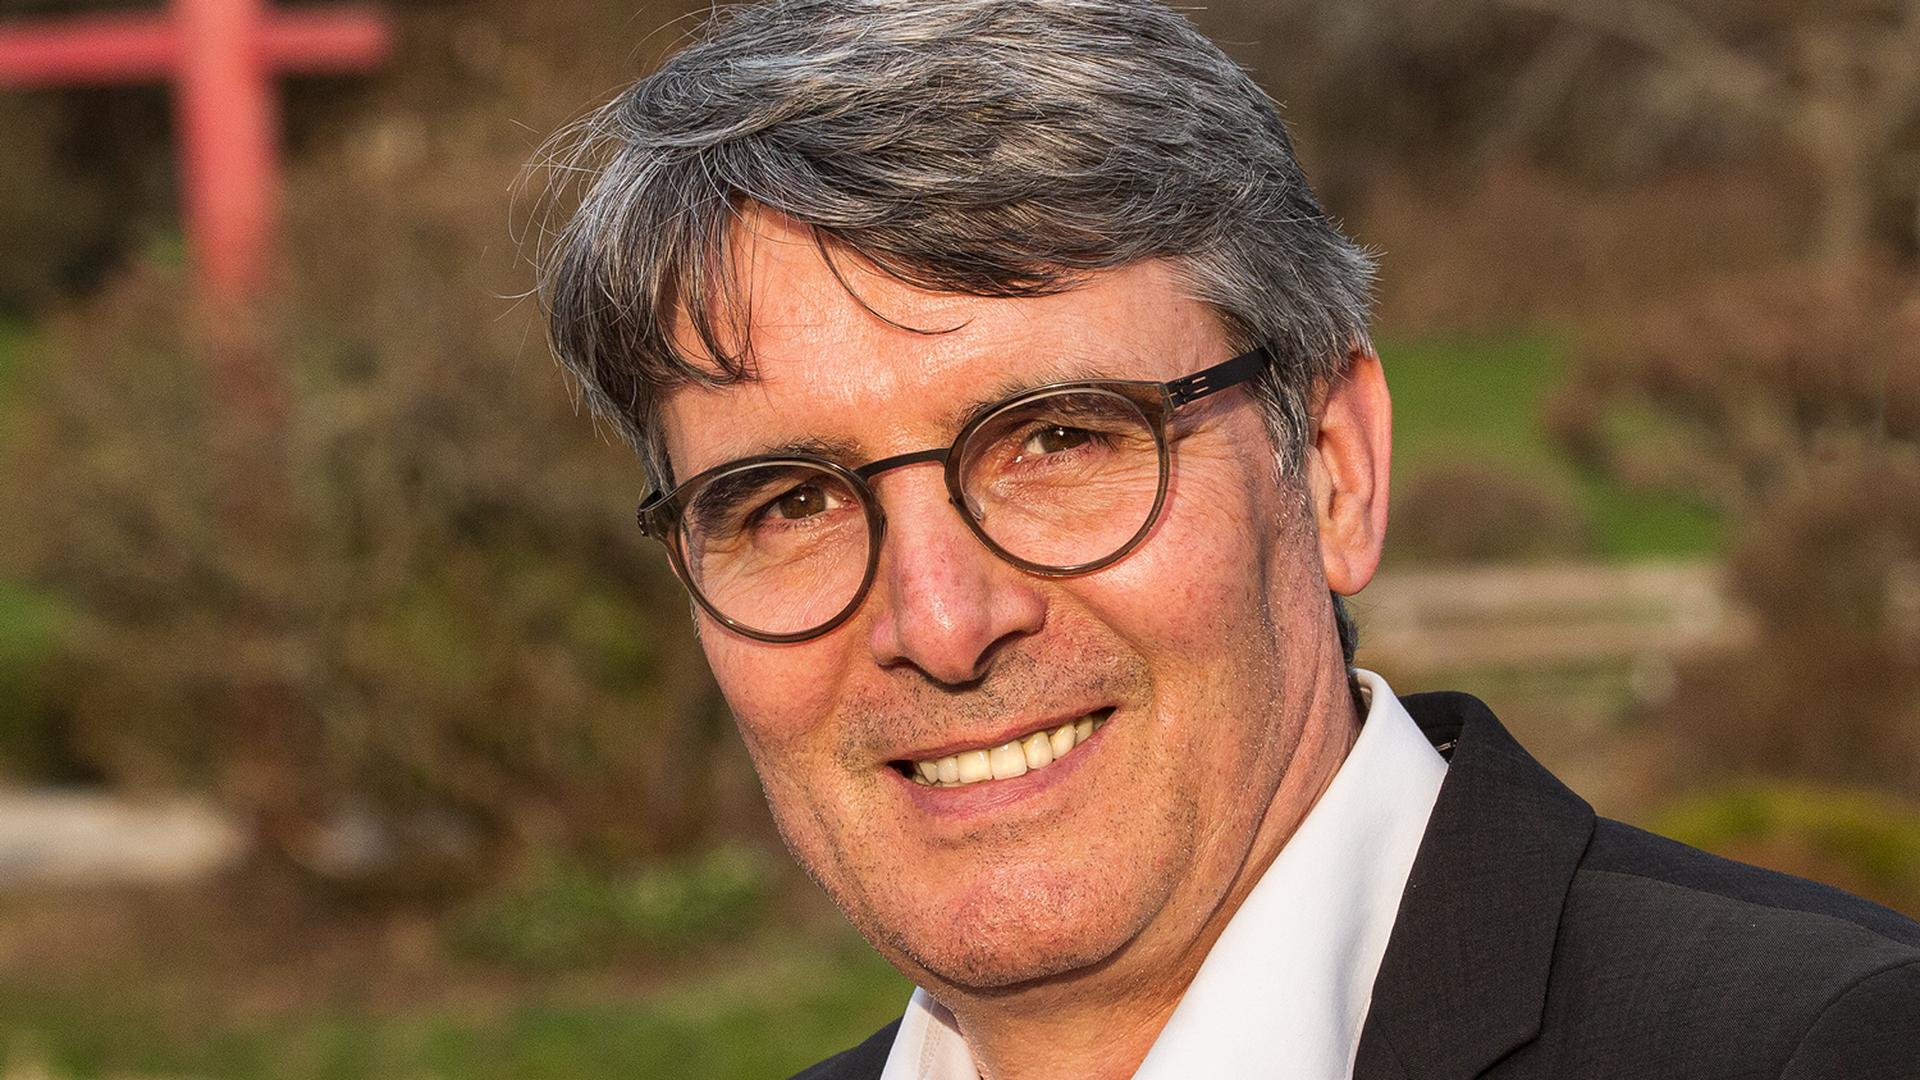 Konkurrenz für Eiberger: Armin Pioch ist seit fünf Jahren Bürgermeister in Grömbach und bewirbt sich jetzt auf den Posten des Rathauschefs von Illingen. Hier wird am 4. Juli ein neuer Bürgermeister gewählt.